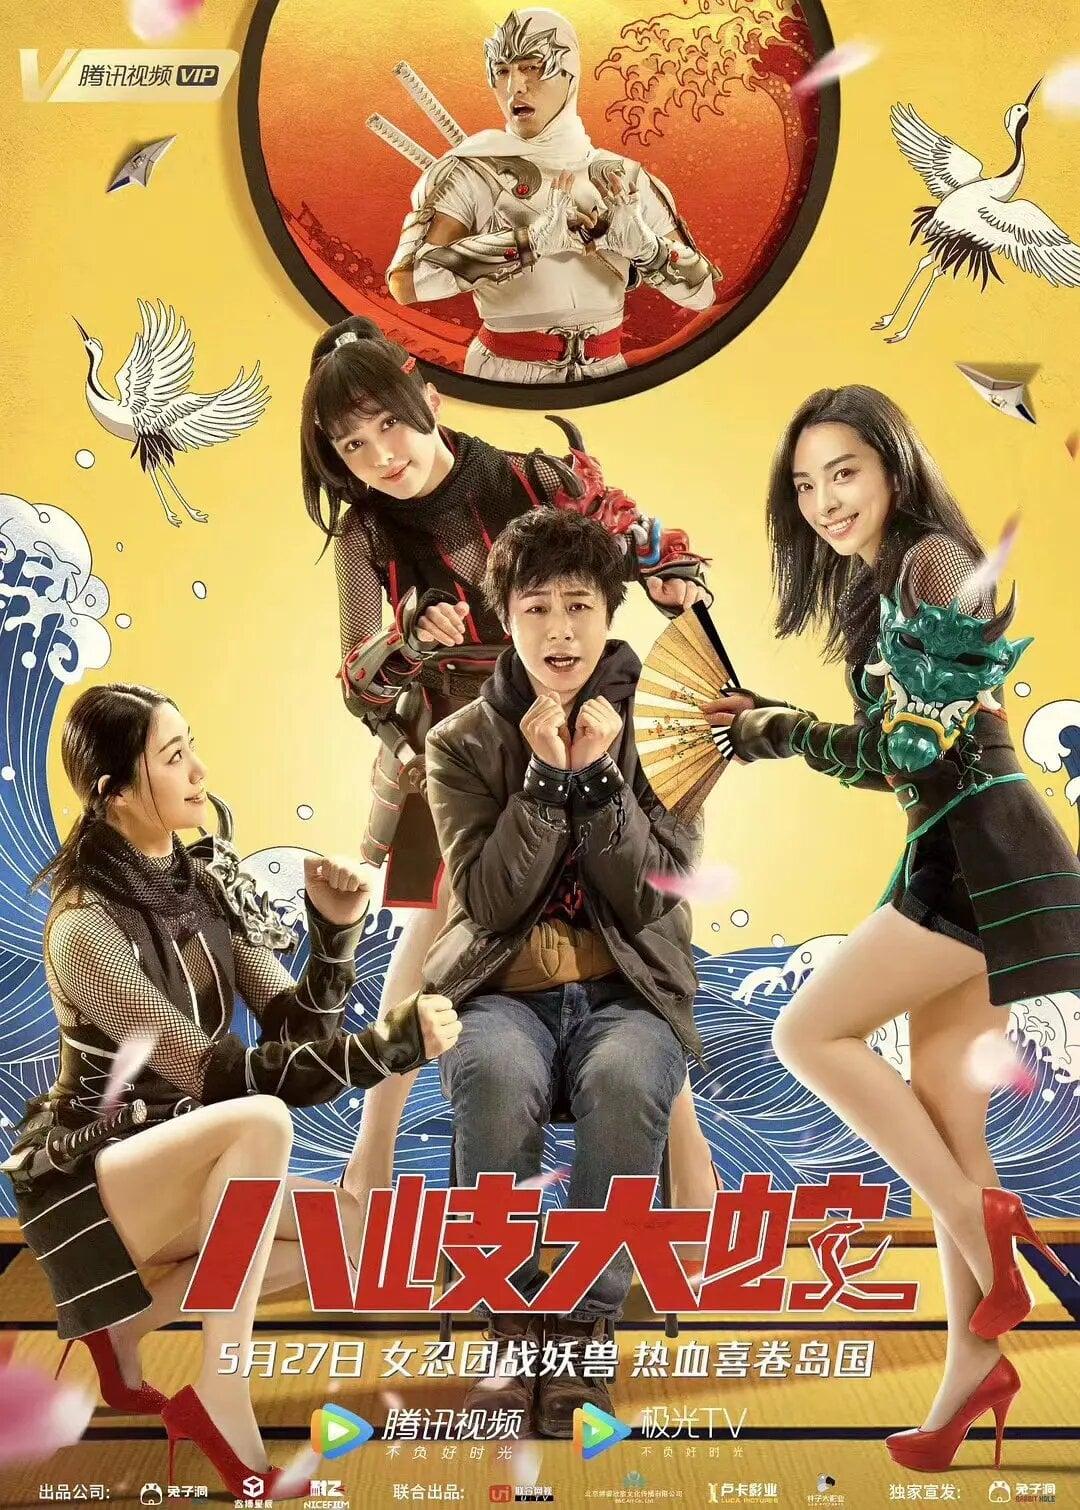 Yamata Snake (2020)